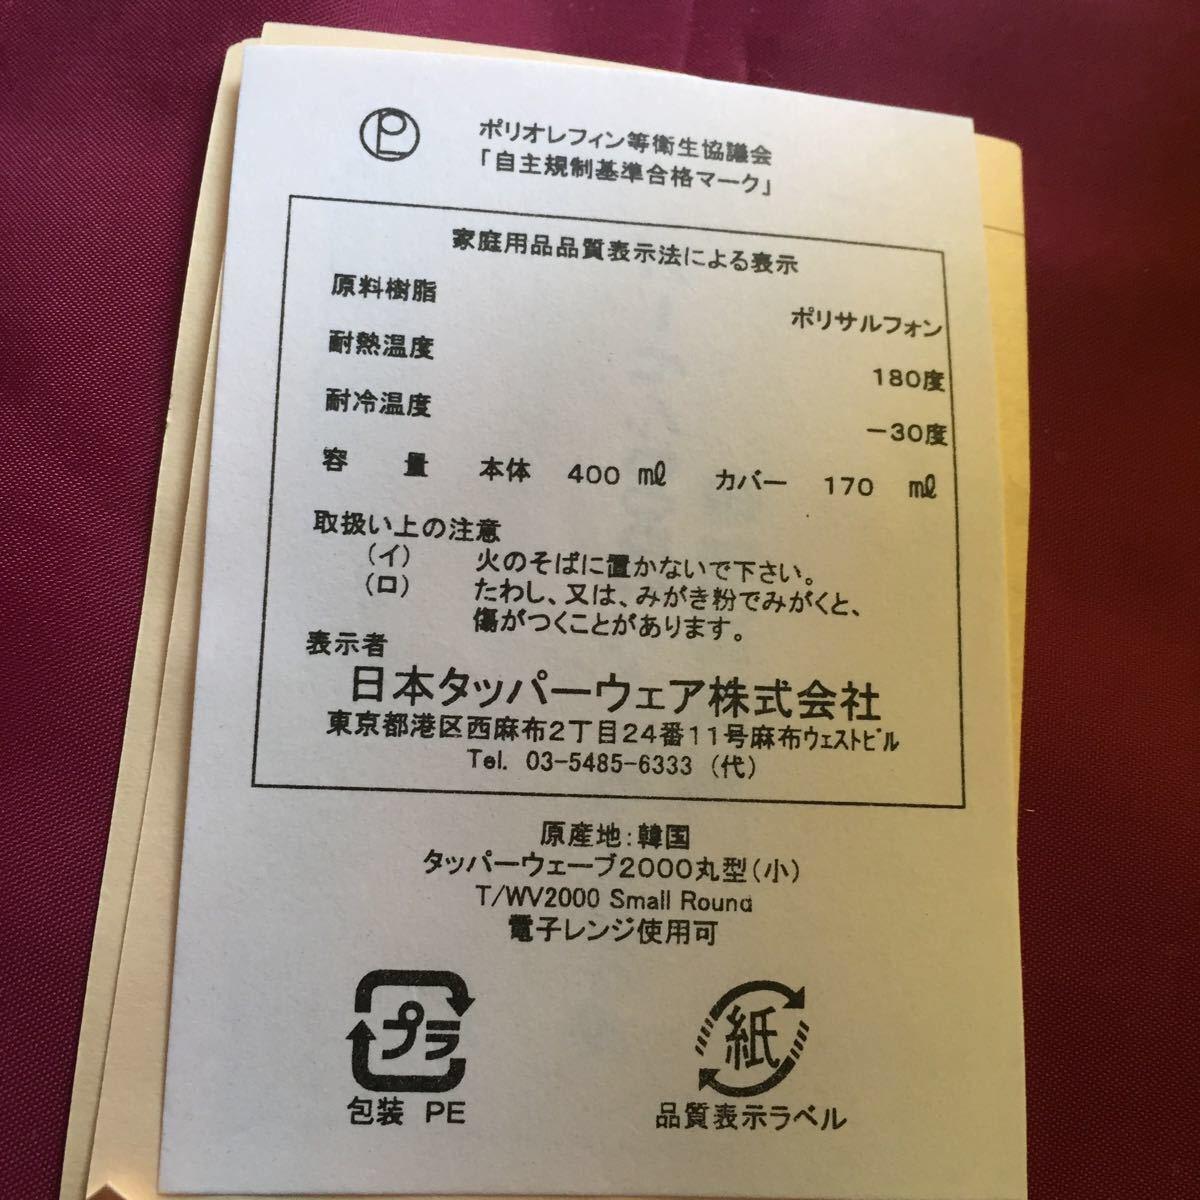 タッパーウェア タッパーウェーブ2000丸型(小)☆未使用_画像3